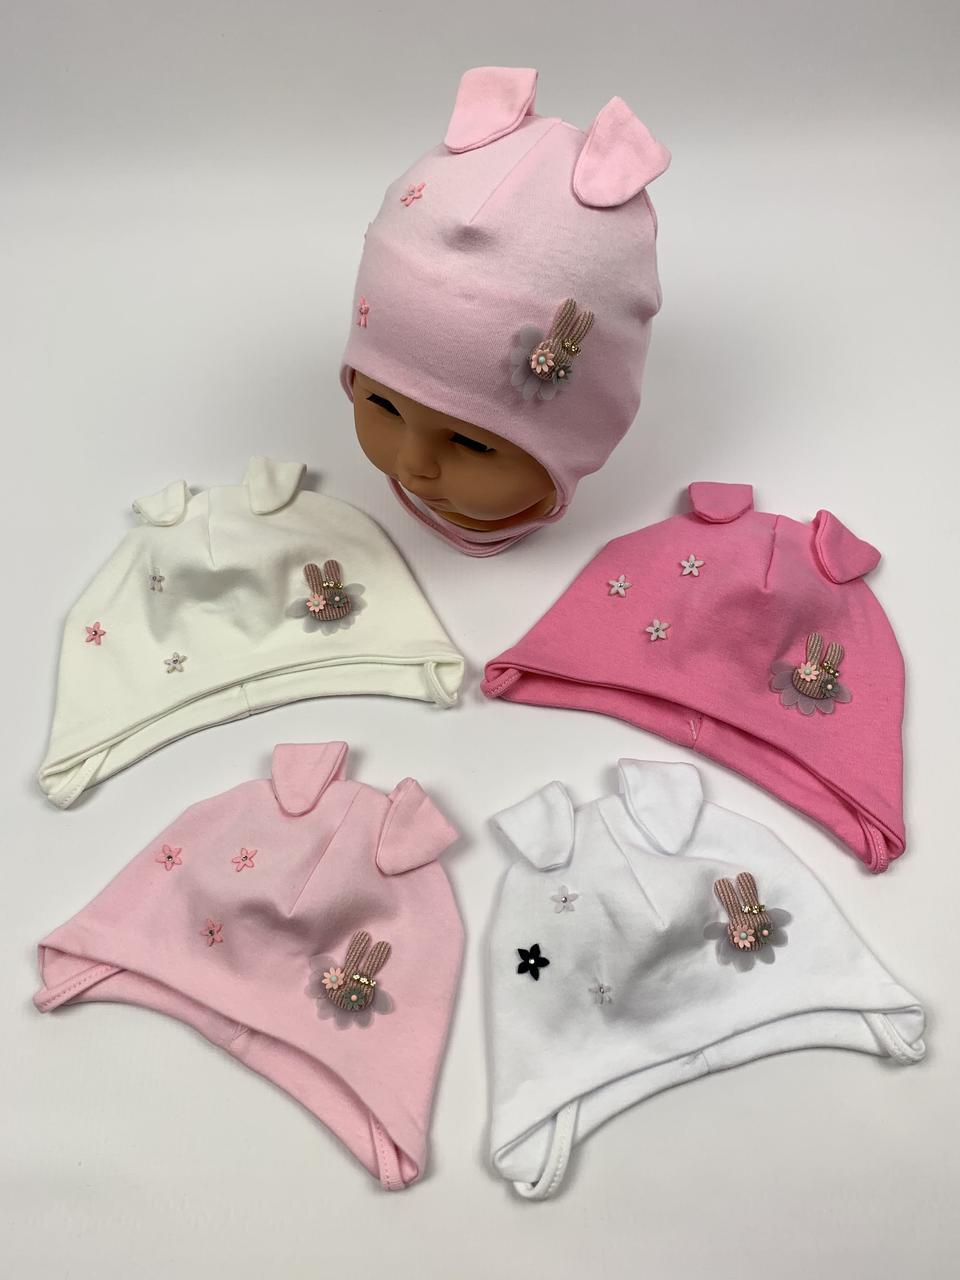 Детские польские демисезонные трикотажные шапки на завязках для девочек оптом, р.36-38 40-42, Ala Baby (ab171)